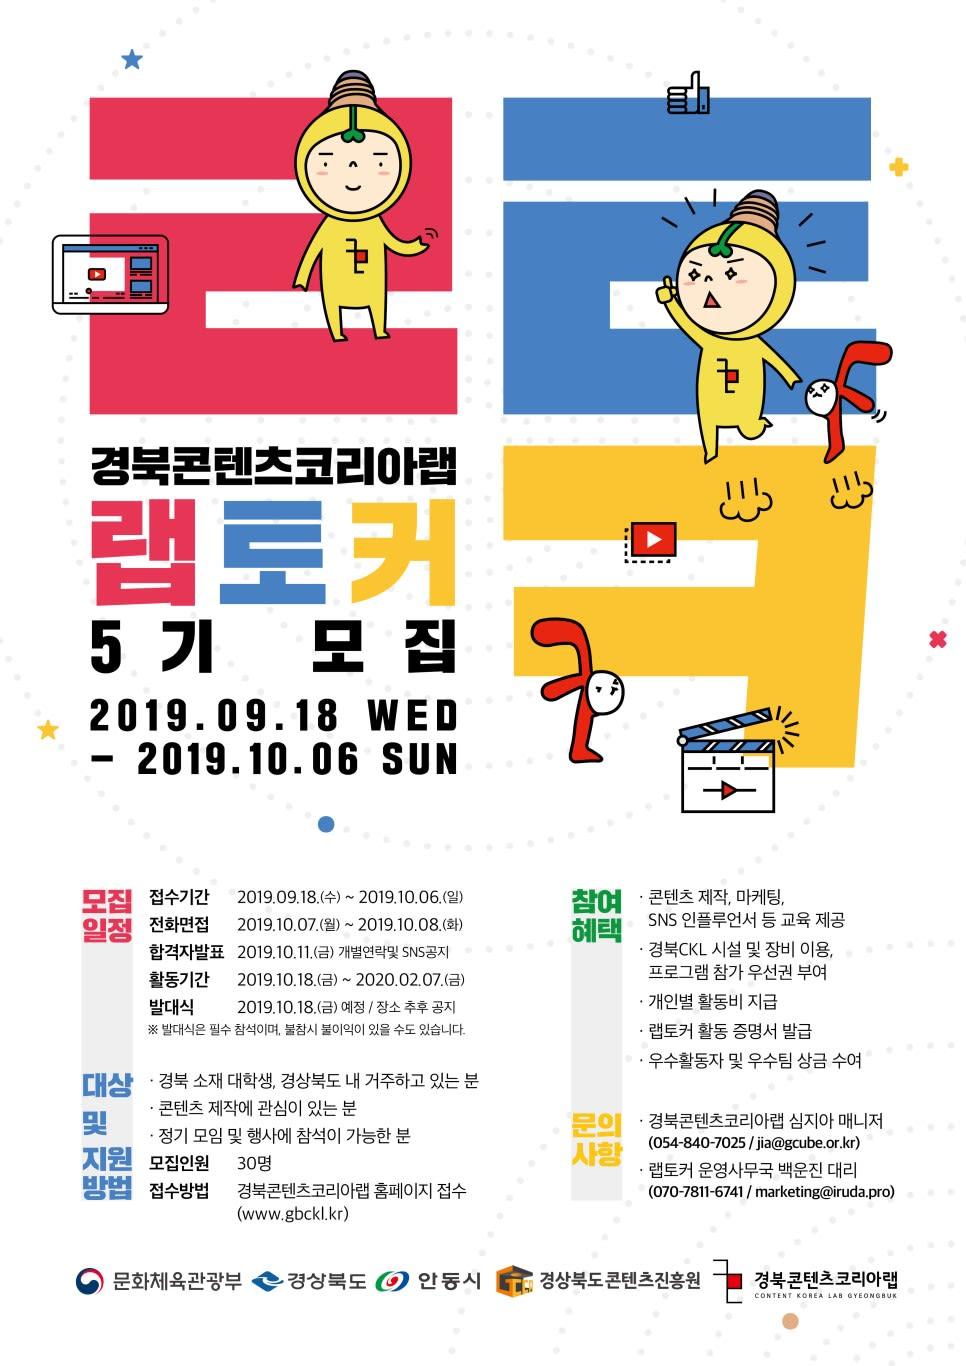 경북콘텐츠코리아랩 랩토커 5기 모집